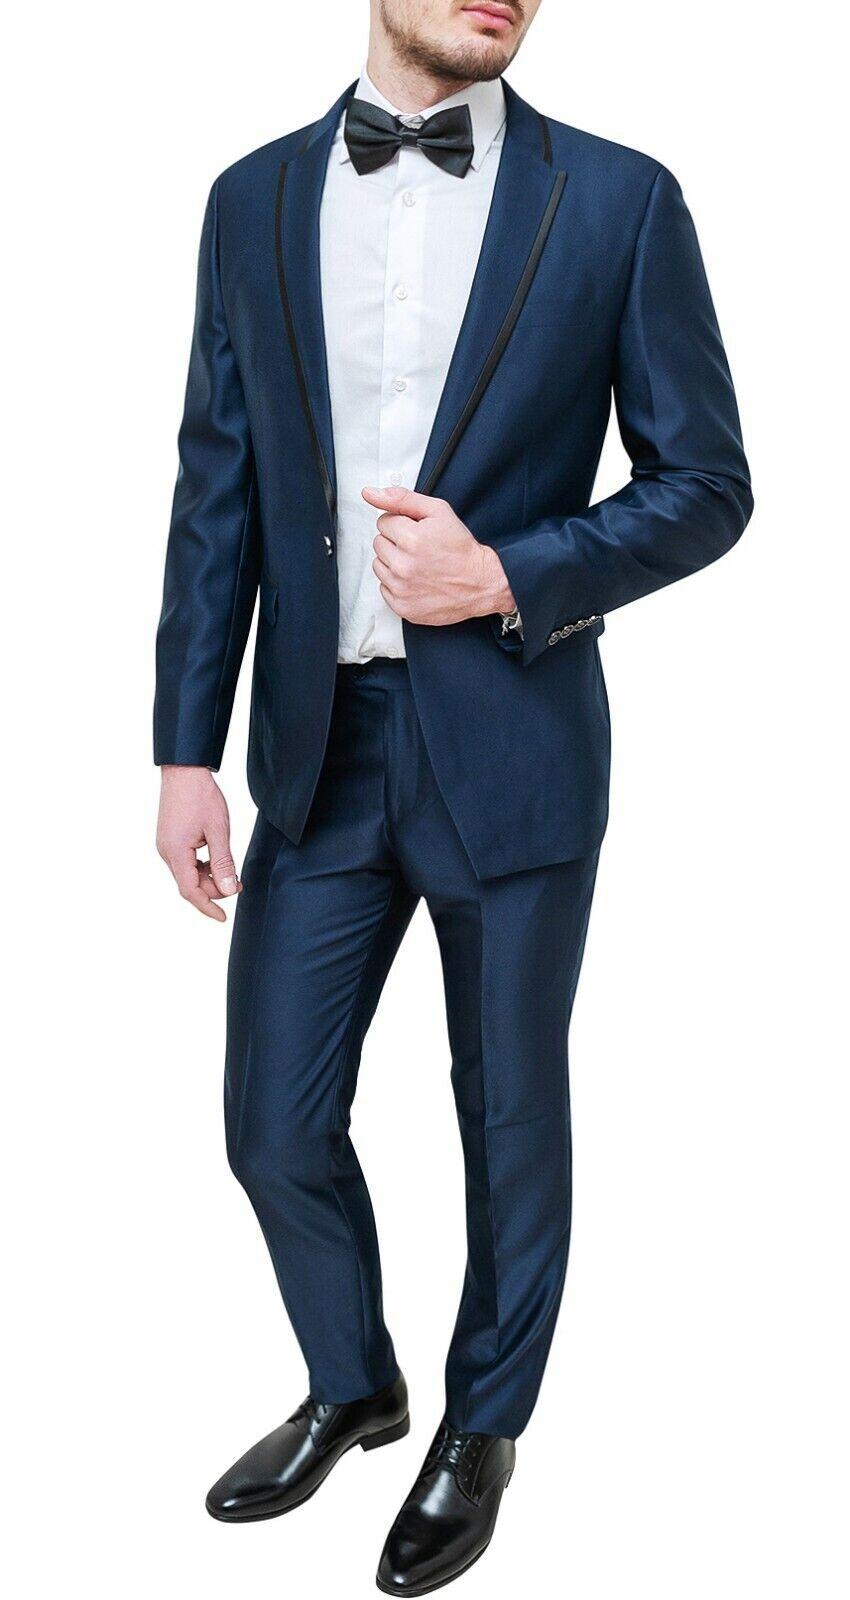 Elegante abito uomo Diamond sartoriale blu raso lucido vestito smoking  cerimonia.   3151aa3ac801